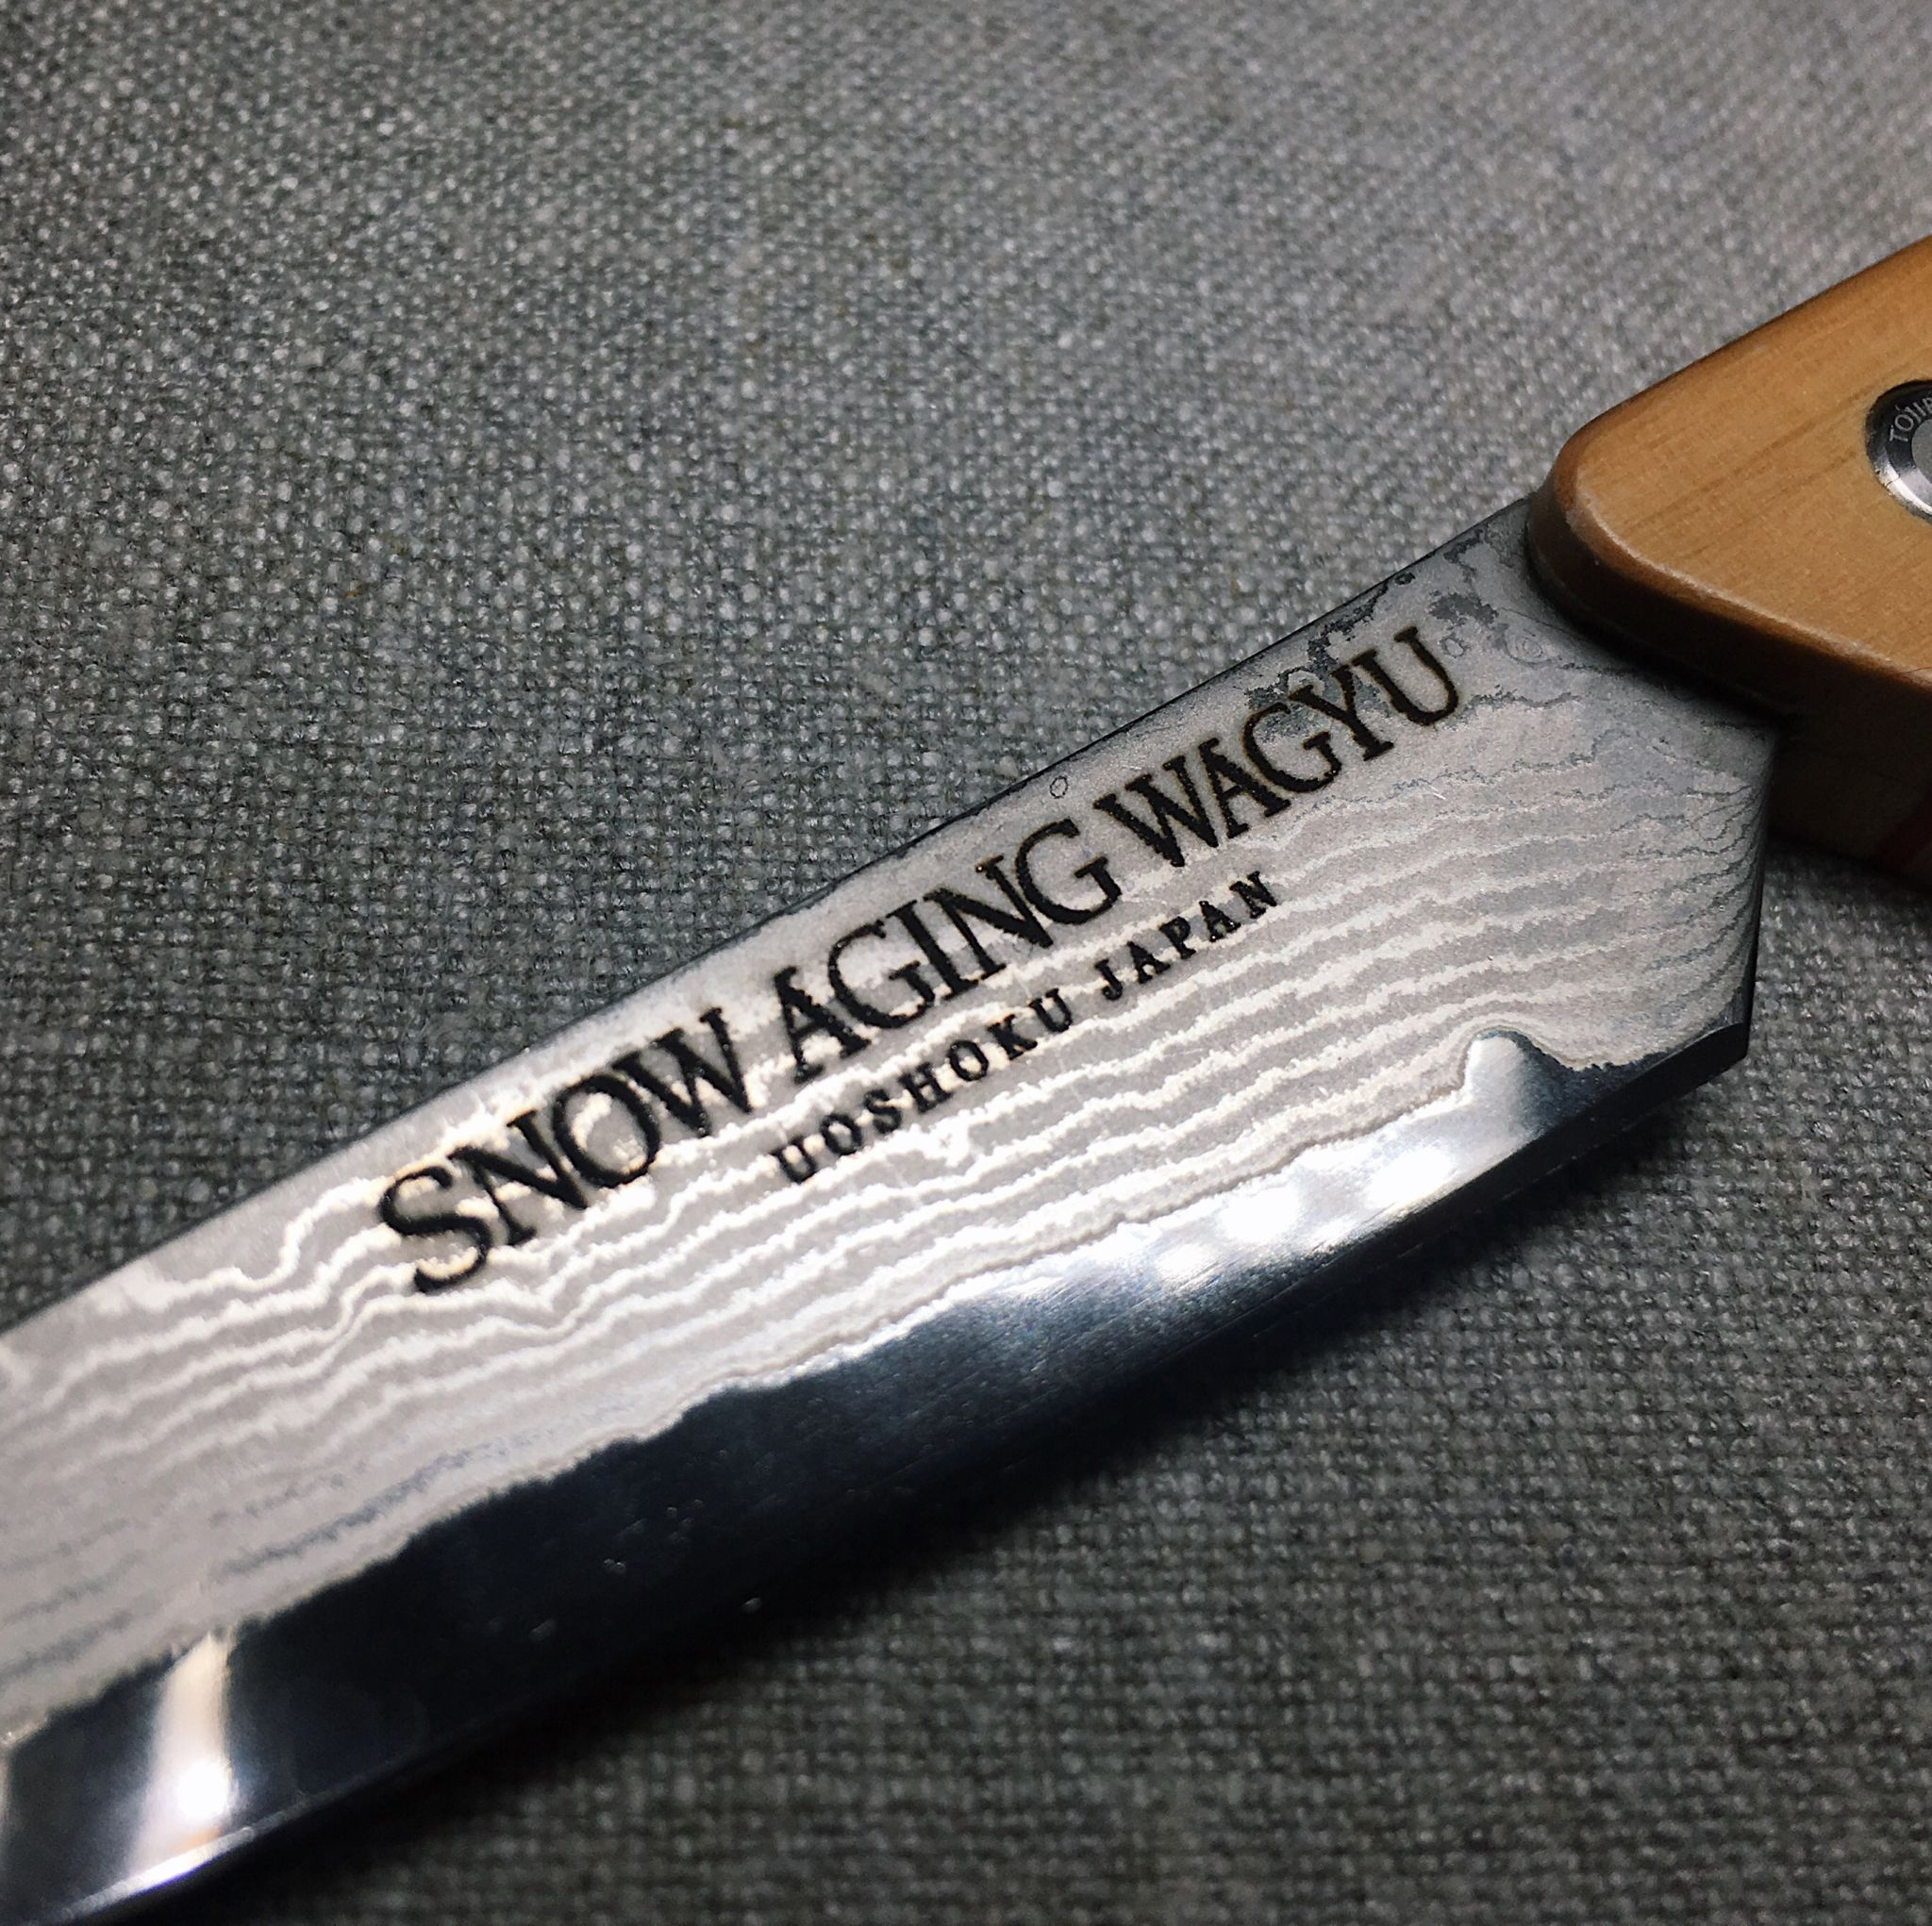 Snow-aged Full Blood Wagyu A4 - Origin Grill & Bar